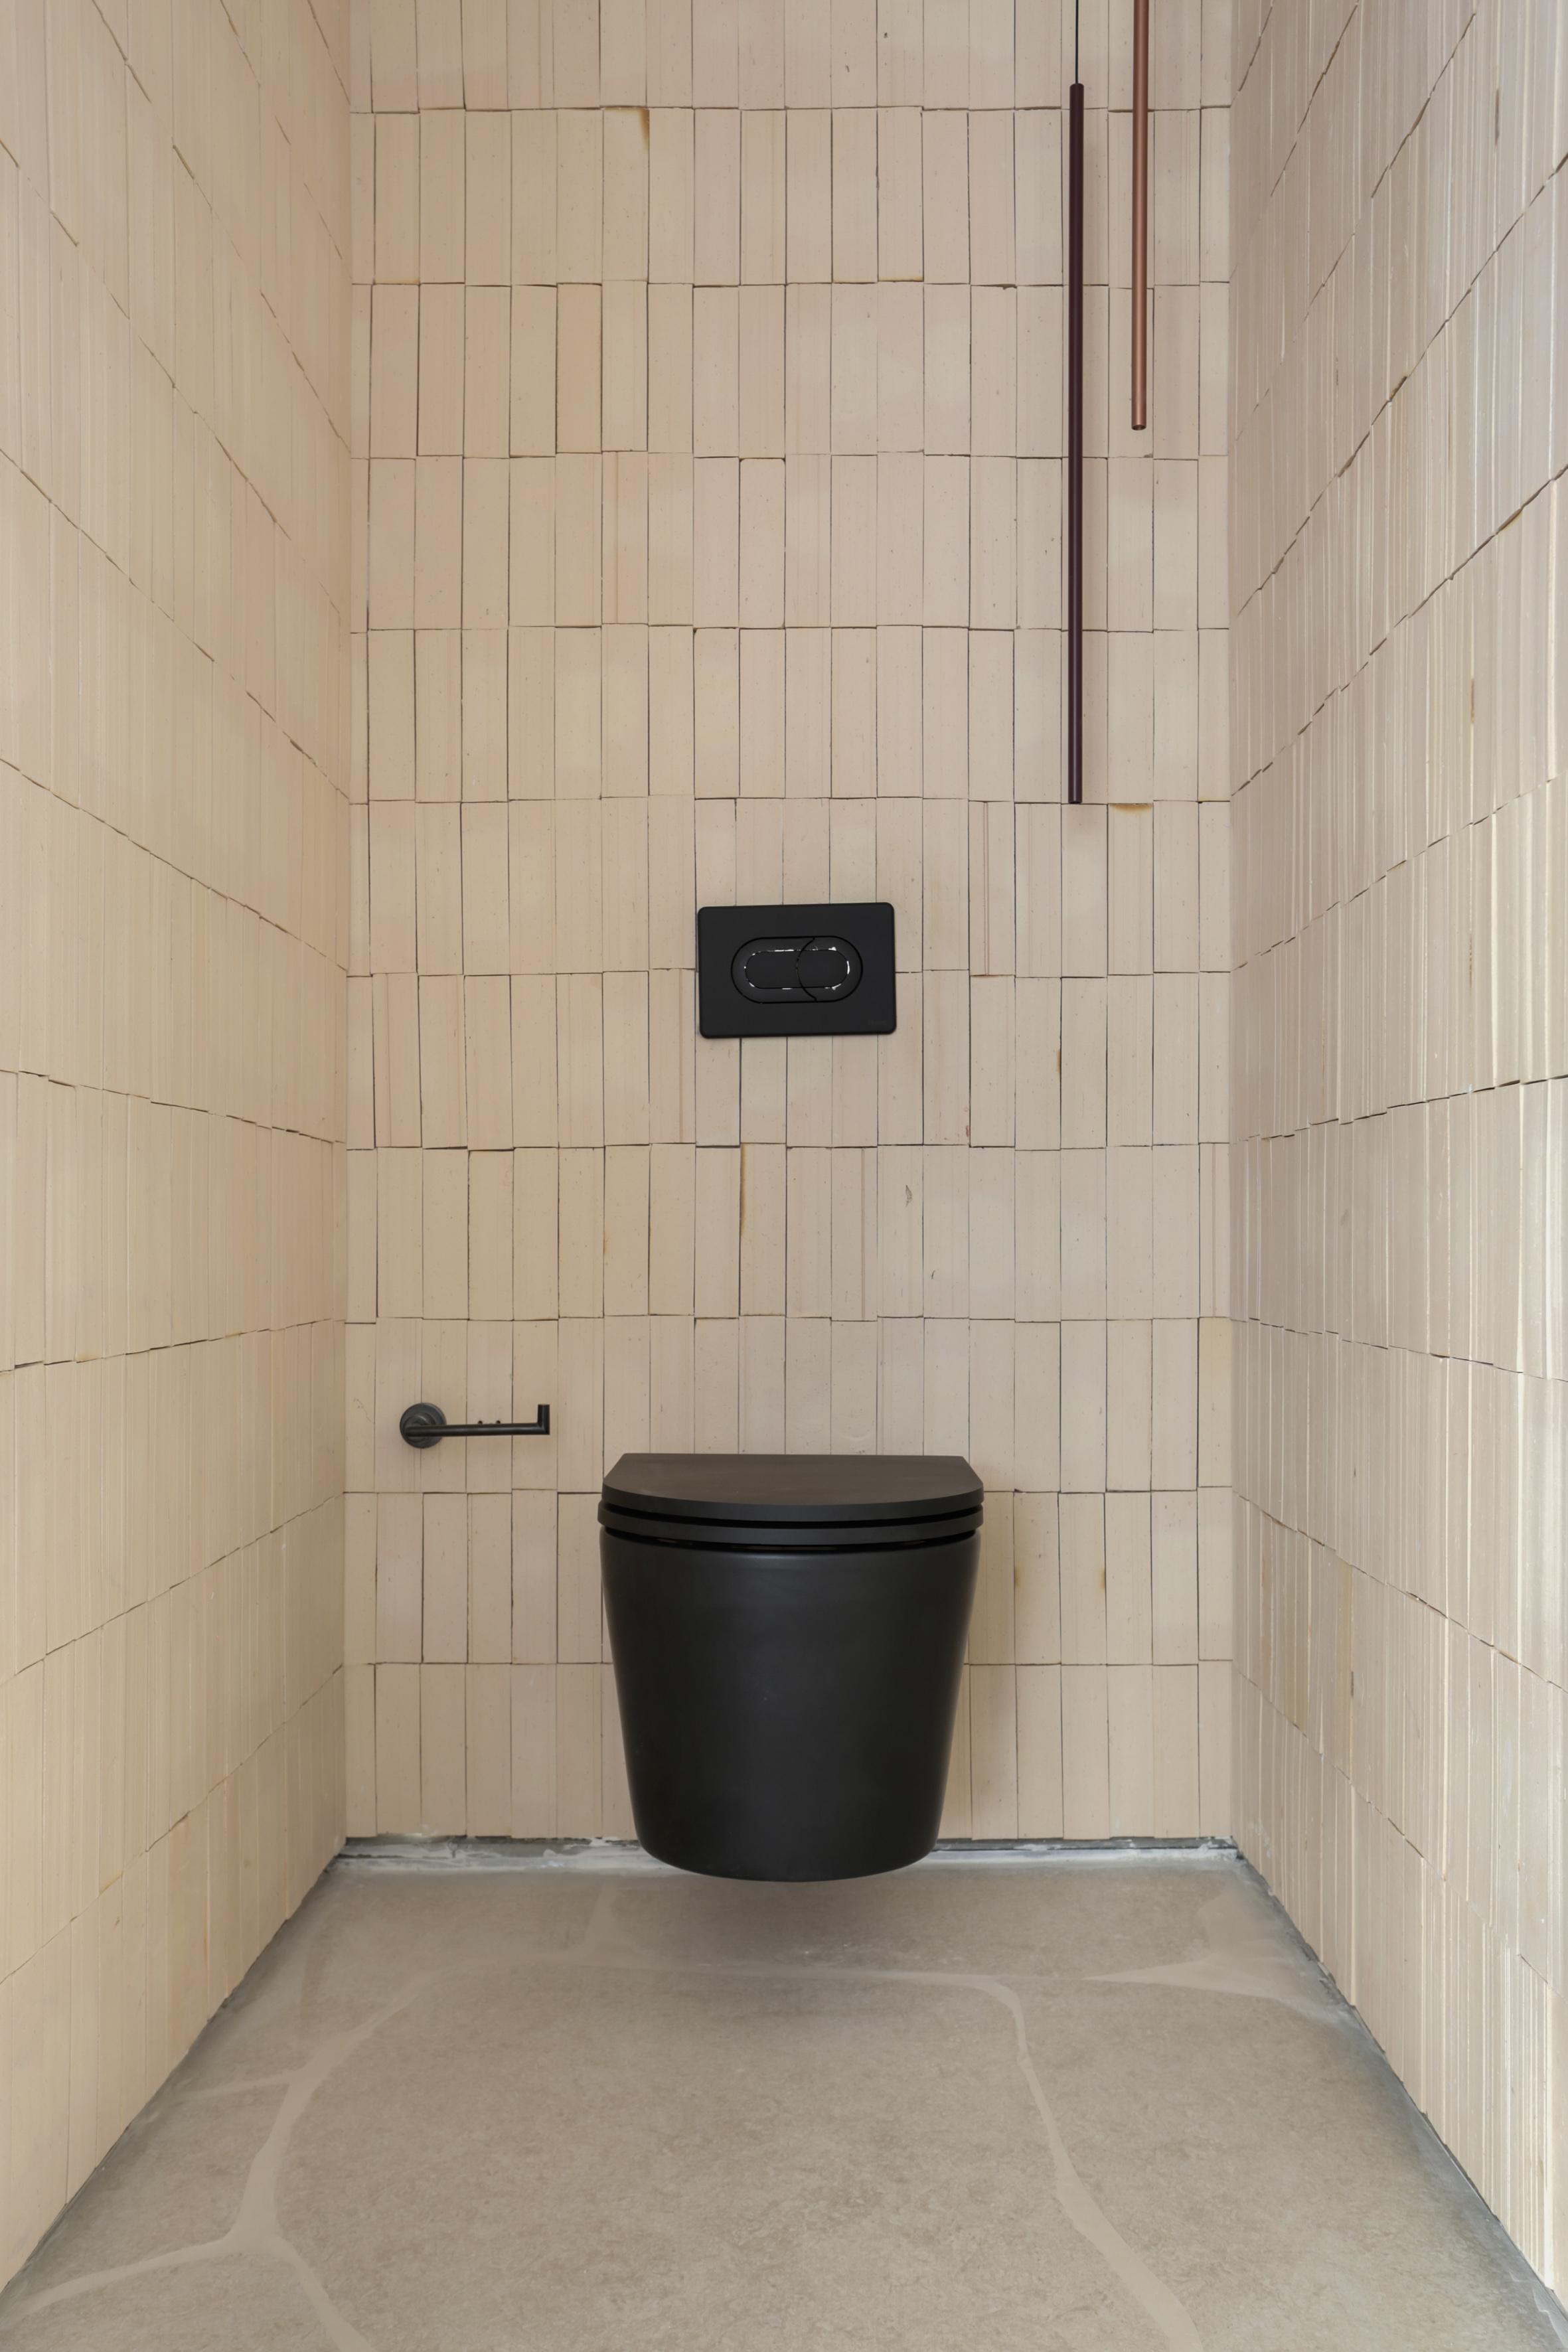 Casa Conecta: Ticiane Lima, CASACOR SP 2019. área intima do banheiro. Sanitário preto, azulejo na cor beje e piso em formato de rocha.